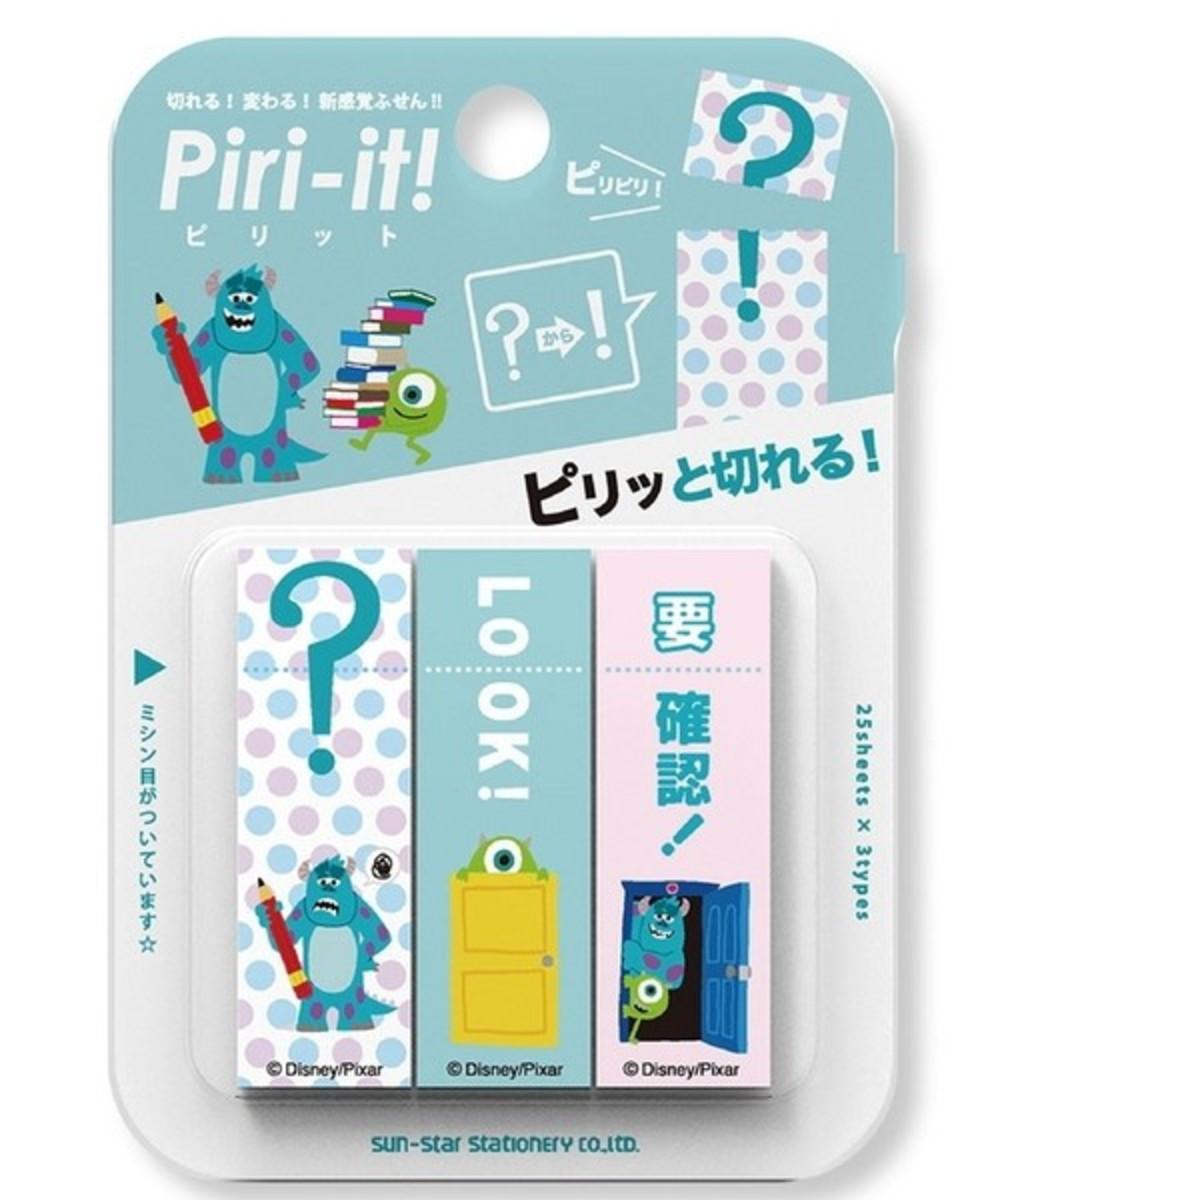 迪士尼 Piri-it! 黏貼便菚 標示貼 (怪獸公司) 日本製 S2814382